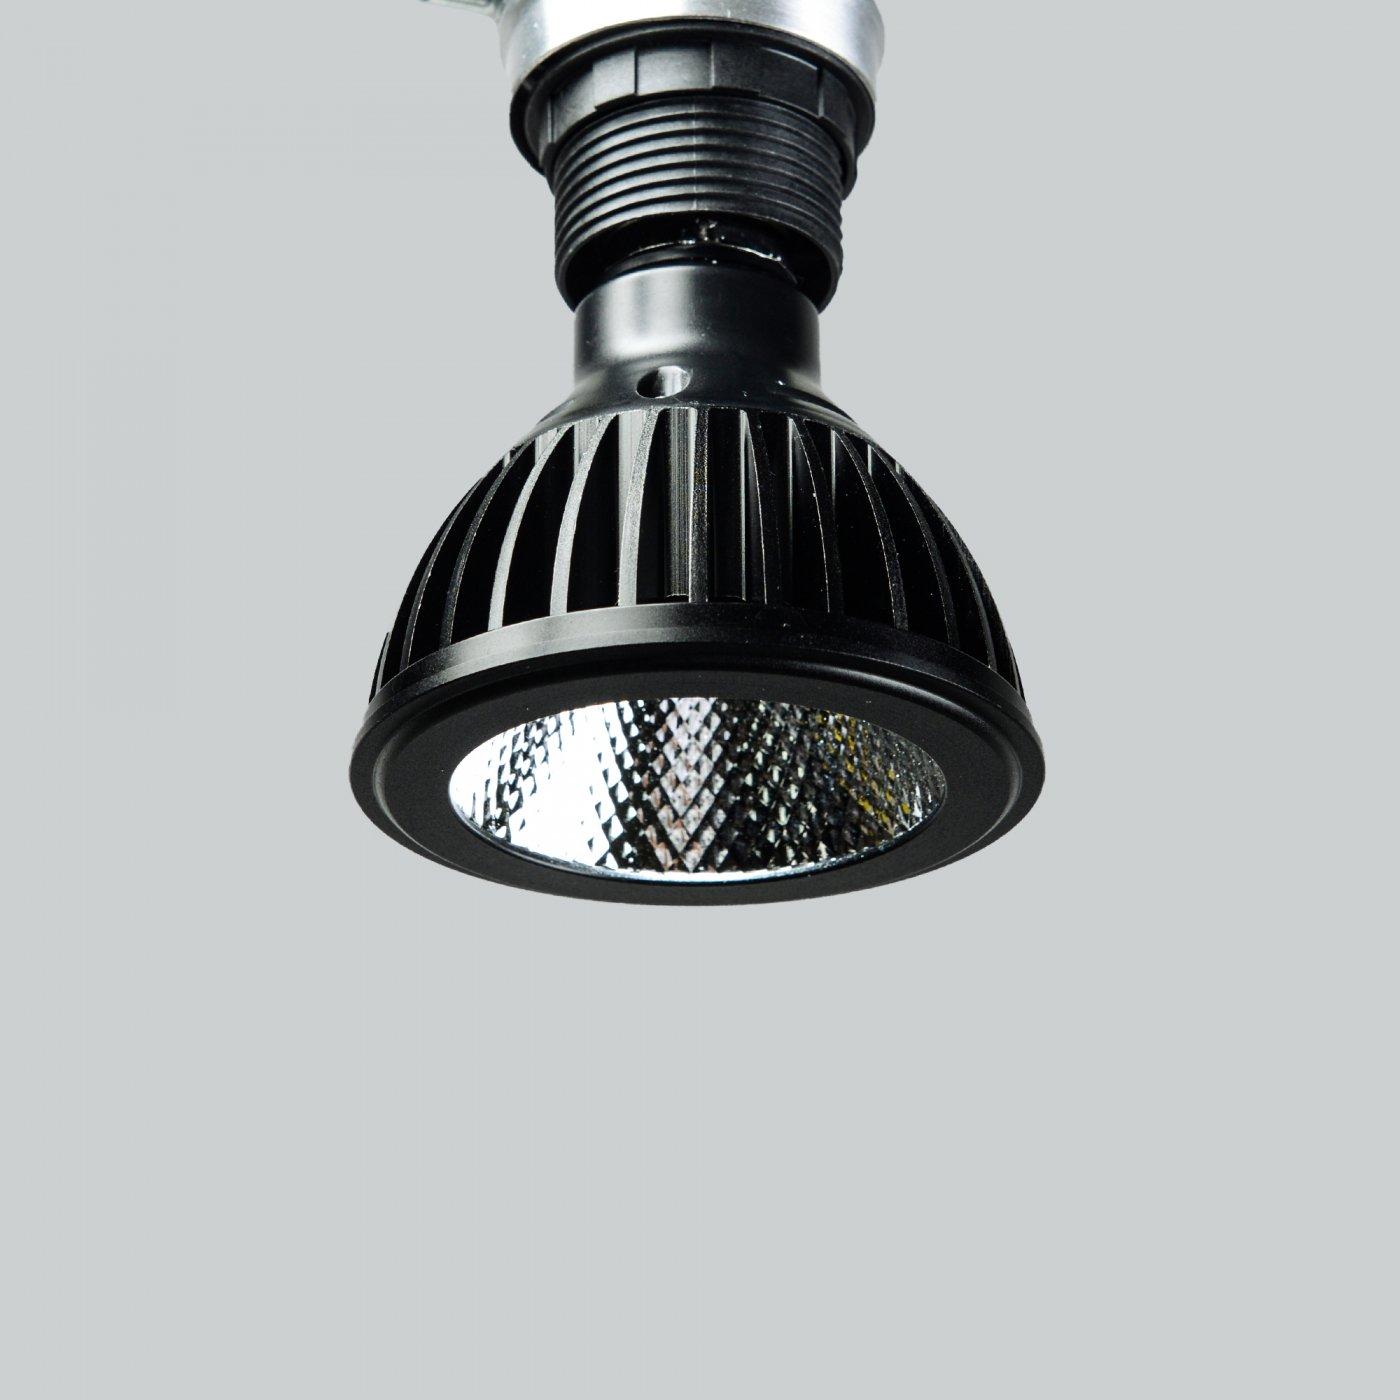 AMATERAS LED 10W 植物育成LED